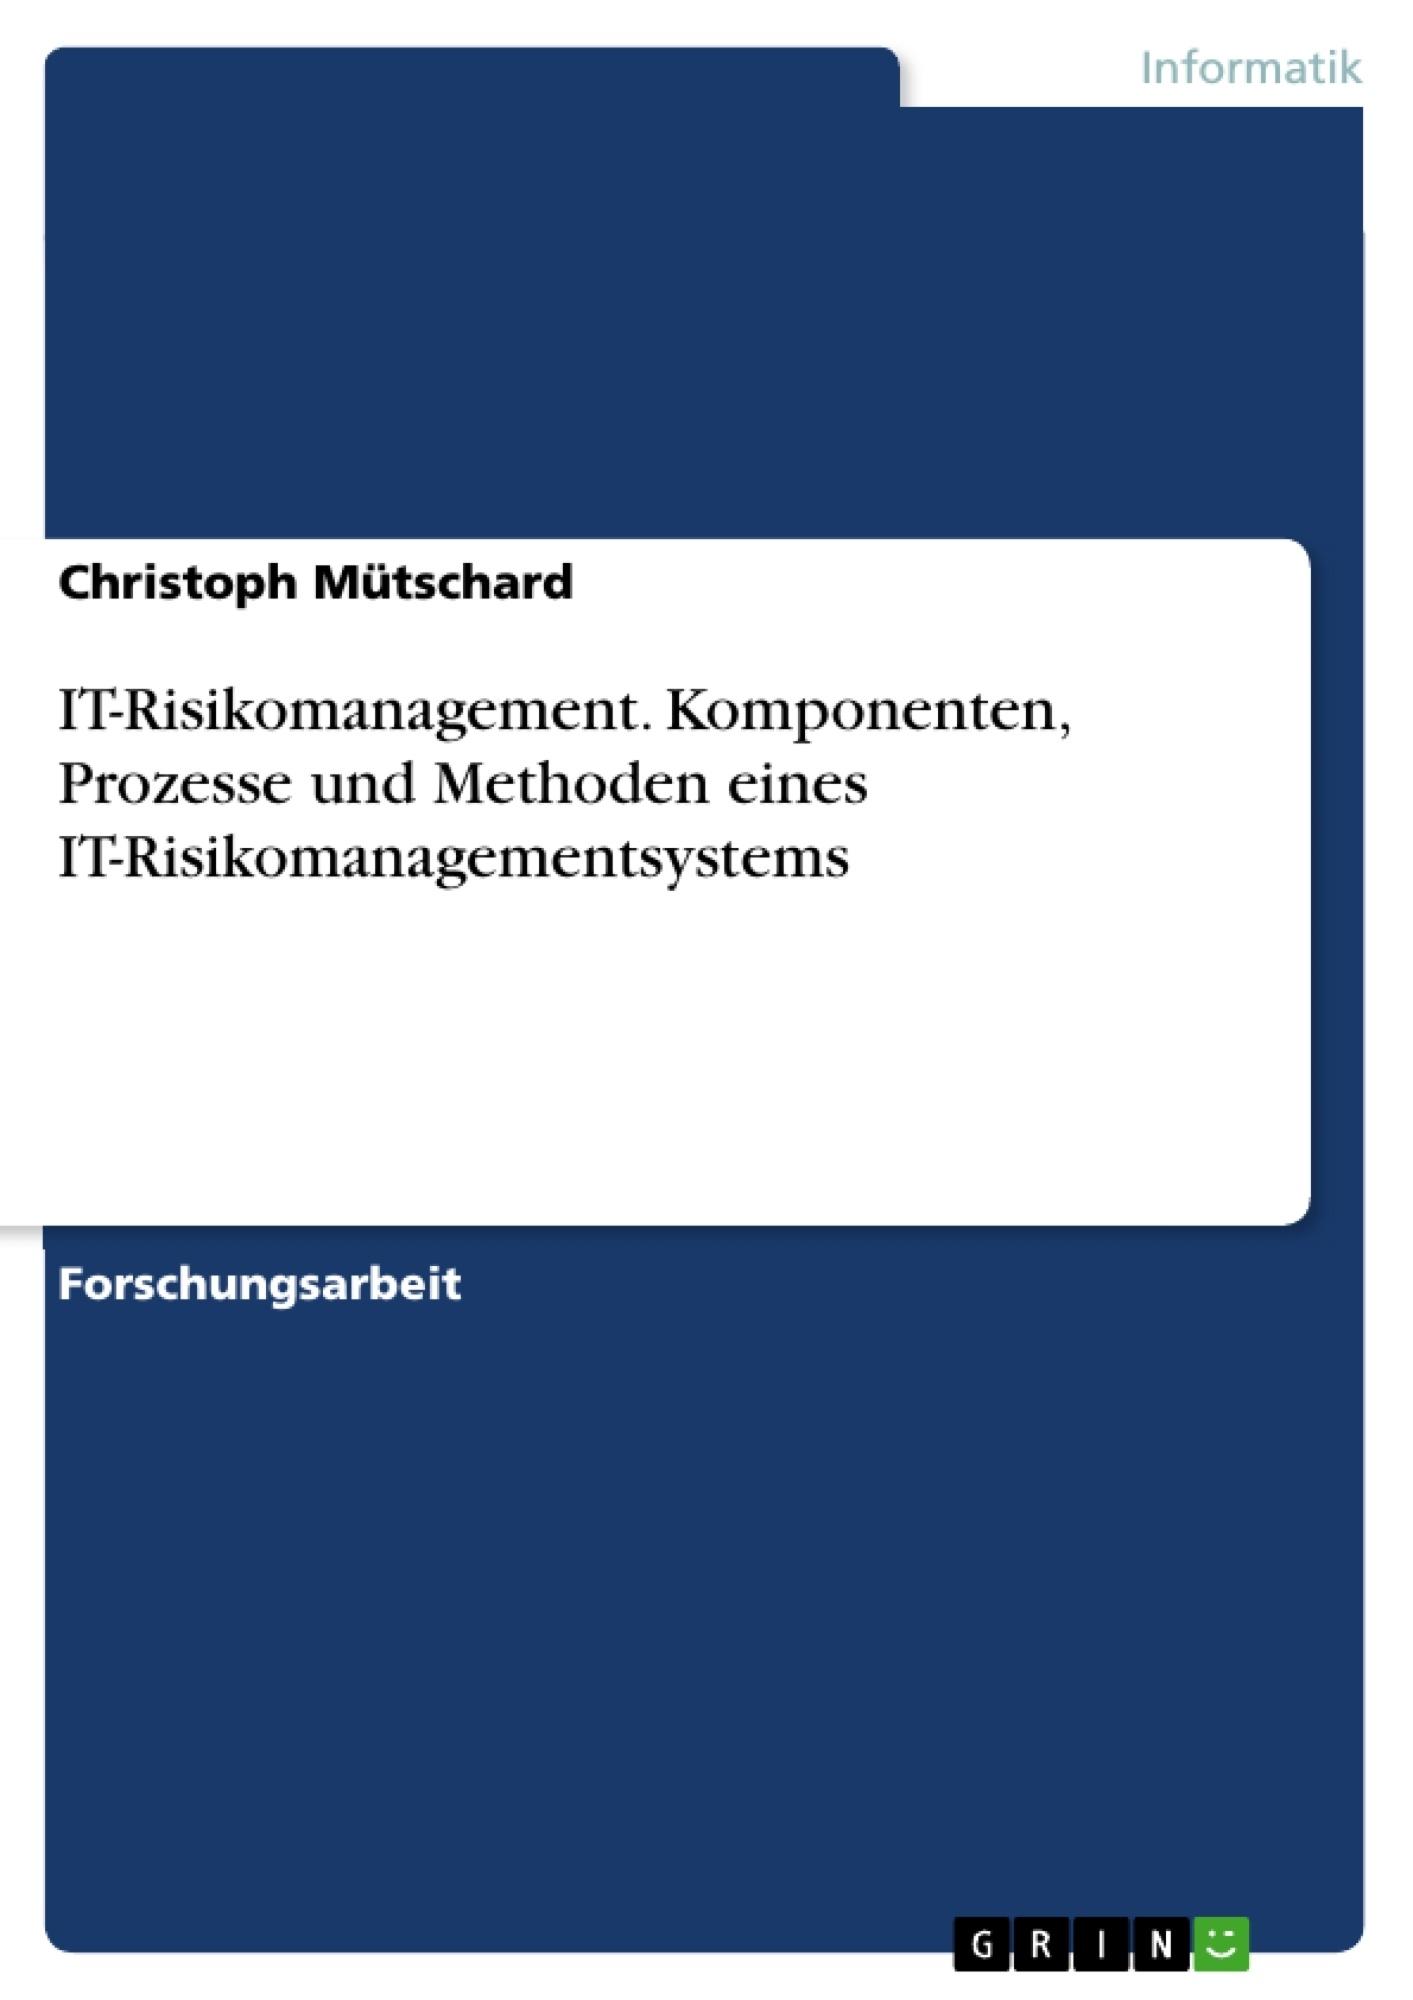 Titel: IT-Risikomanagement. Komponenten, Prozesse und Methoden eines IT-Risikomanagementsystems